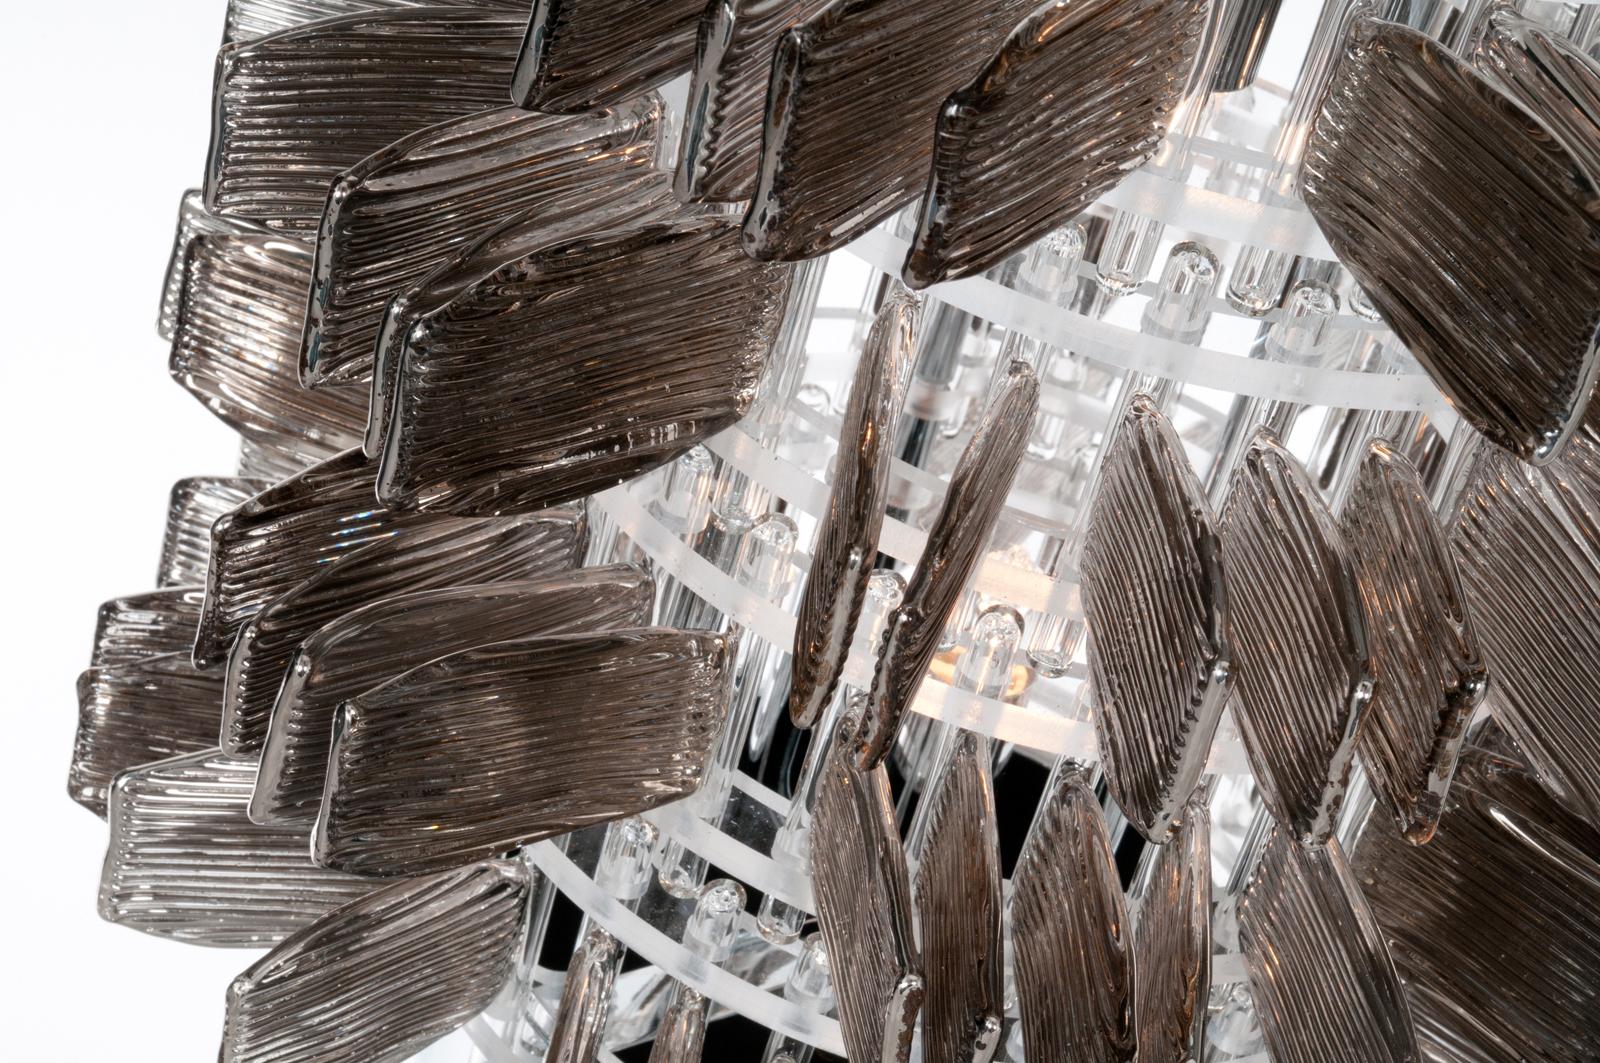 anemone-56-table-chrome-platine-platinium-veronese-maurizio-galante-tal-lancman-51.jpg